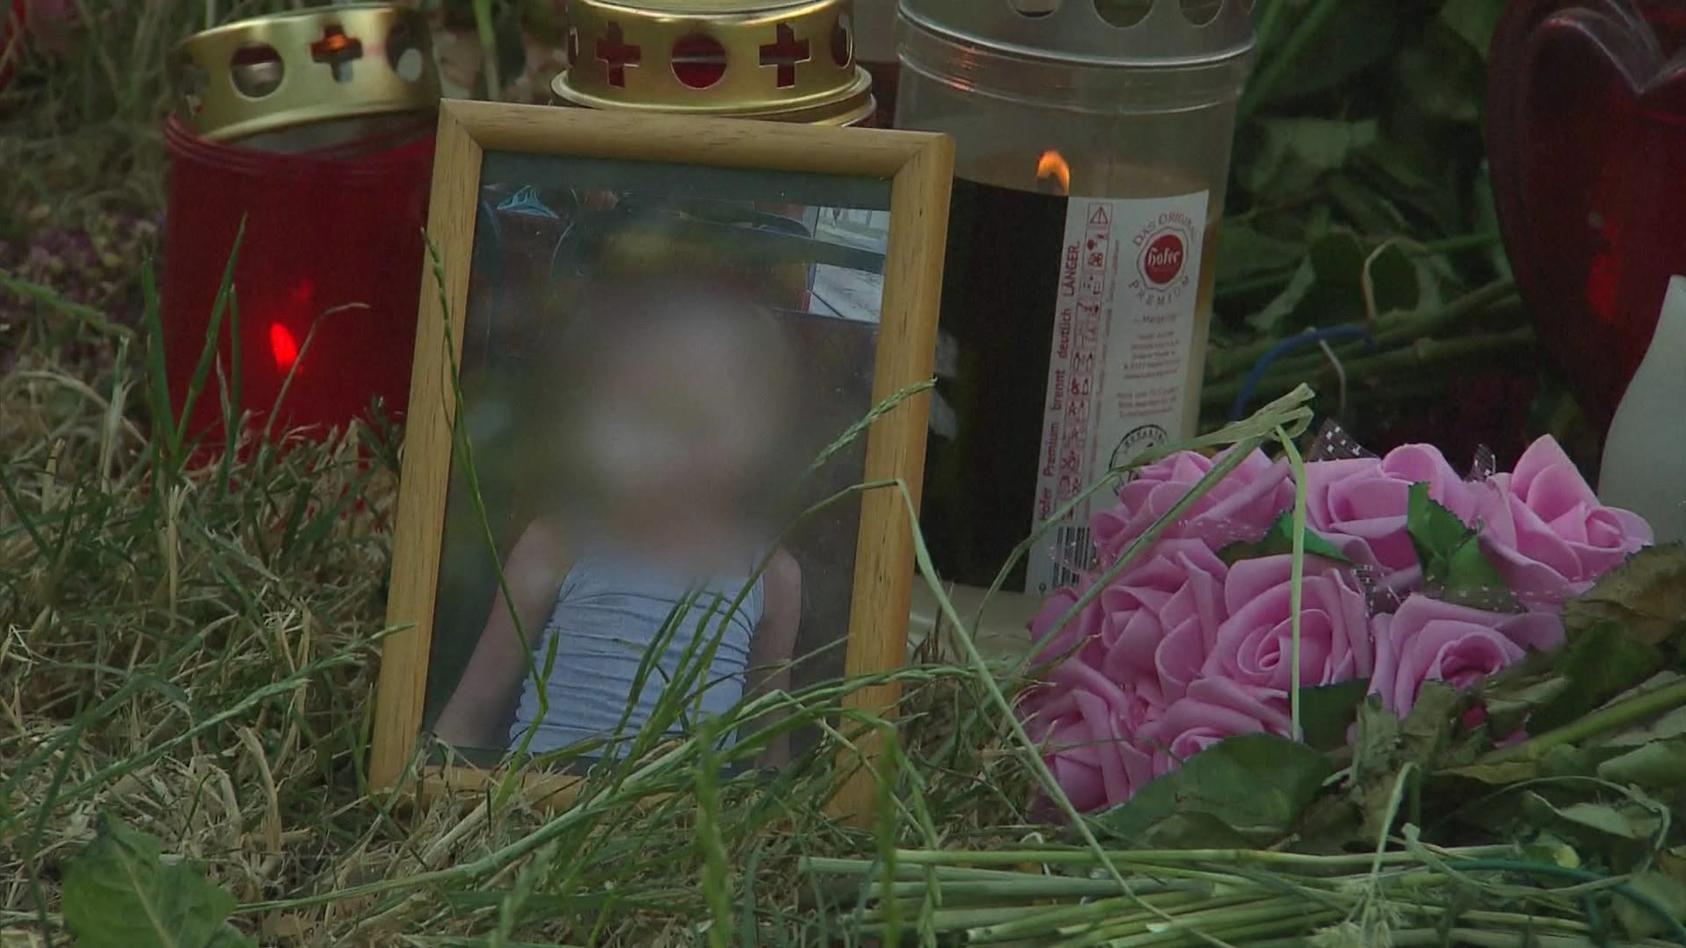 Am 26. Juni wird die erst 13-jährige Leonie in Wien leblos an einem Baum lehnend gefunden.